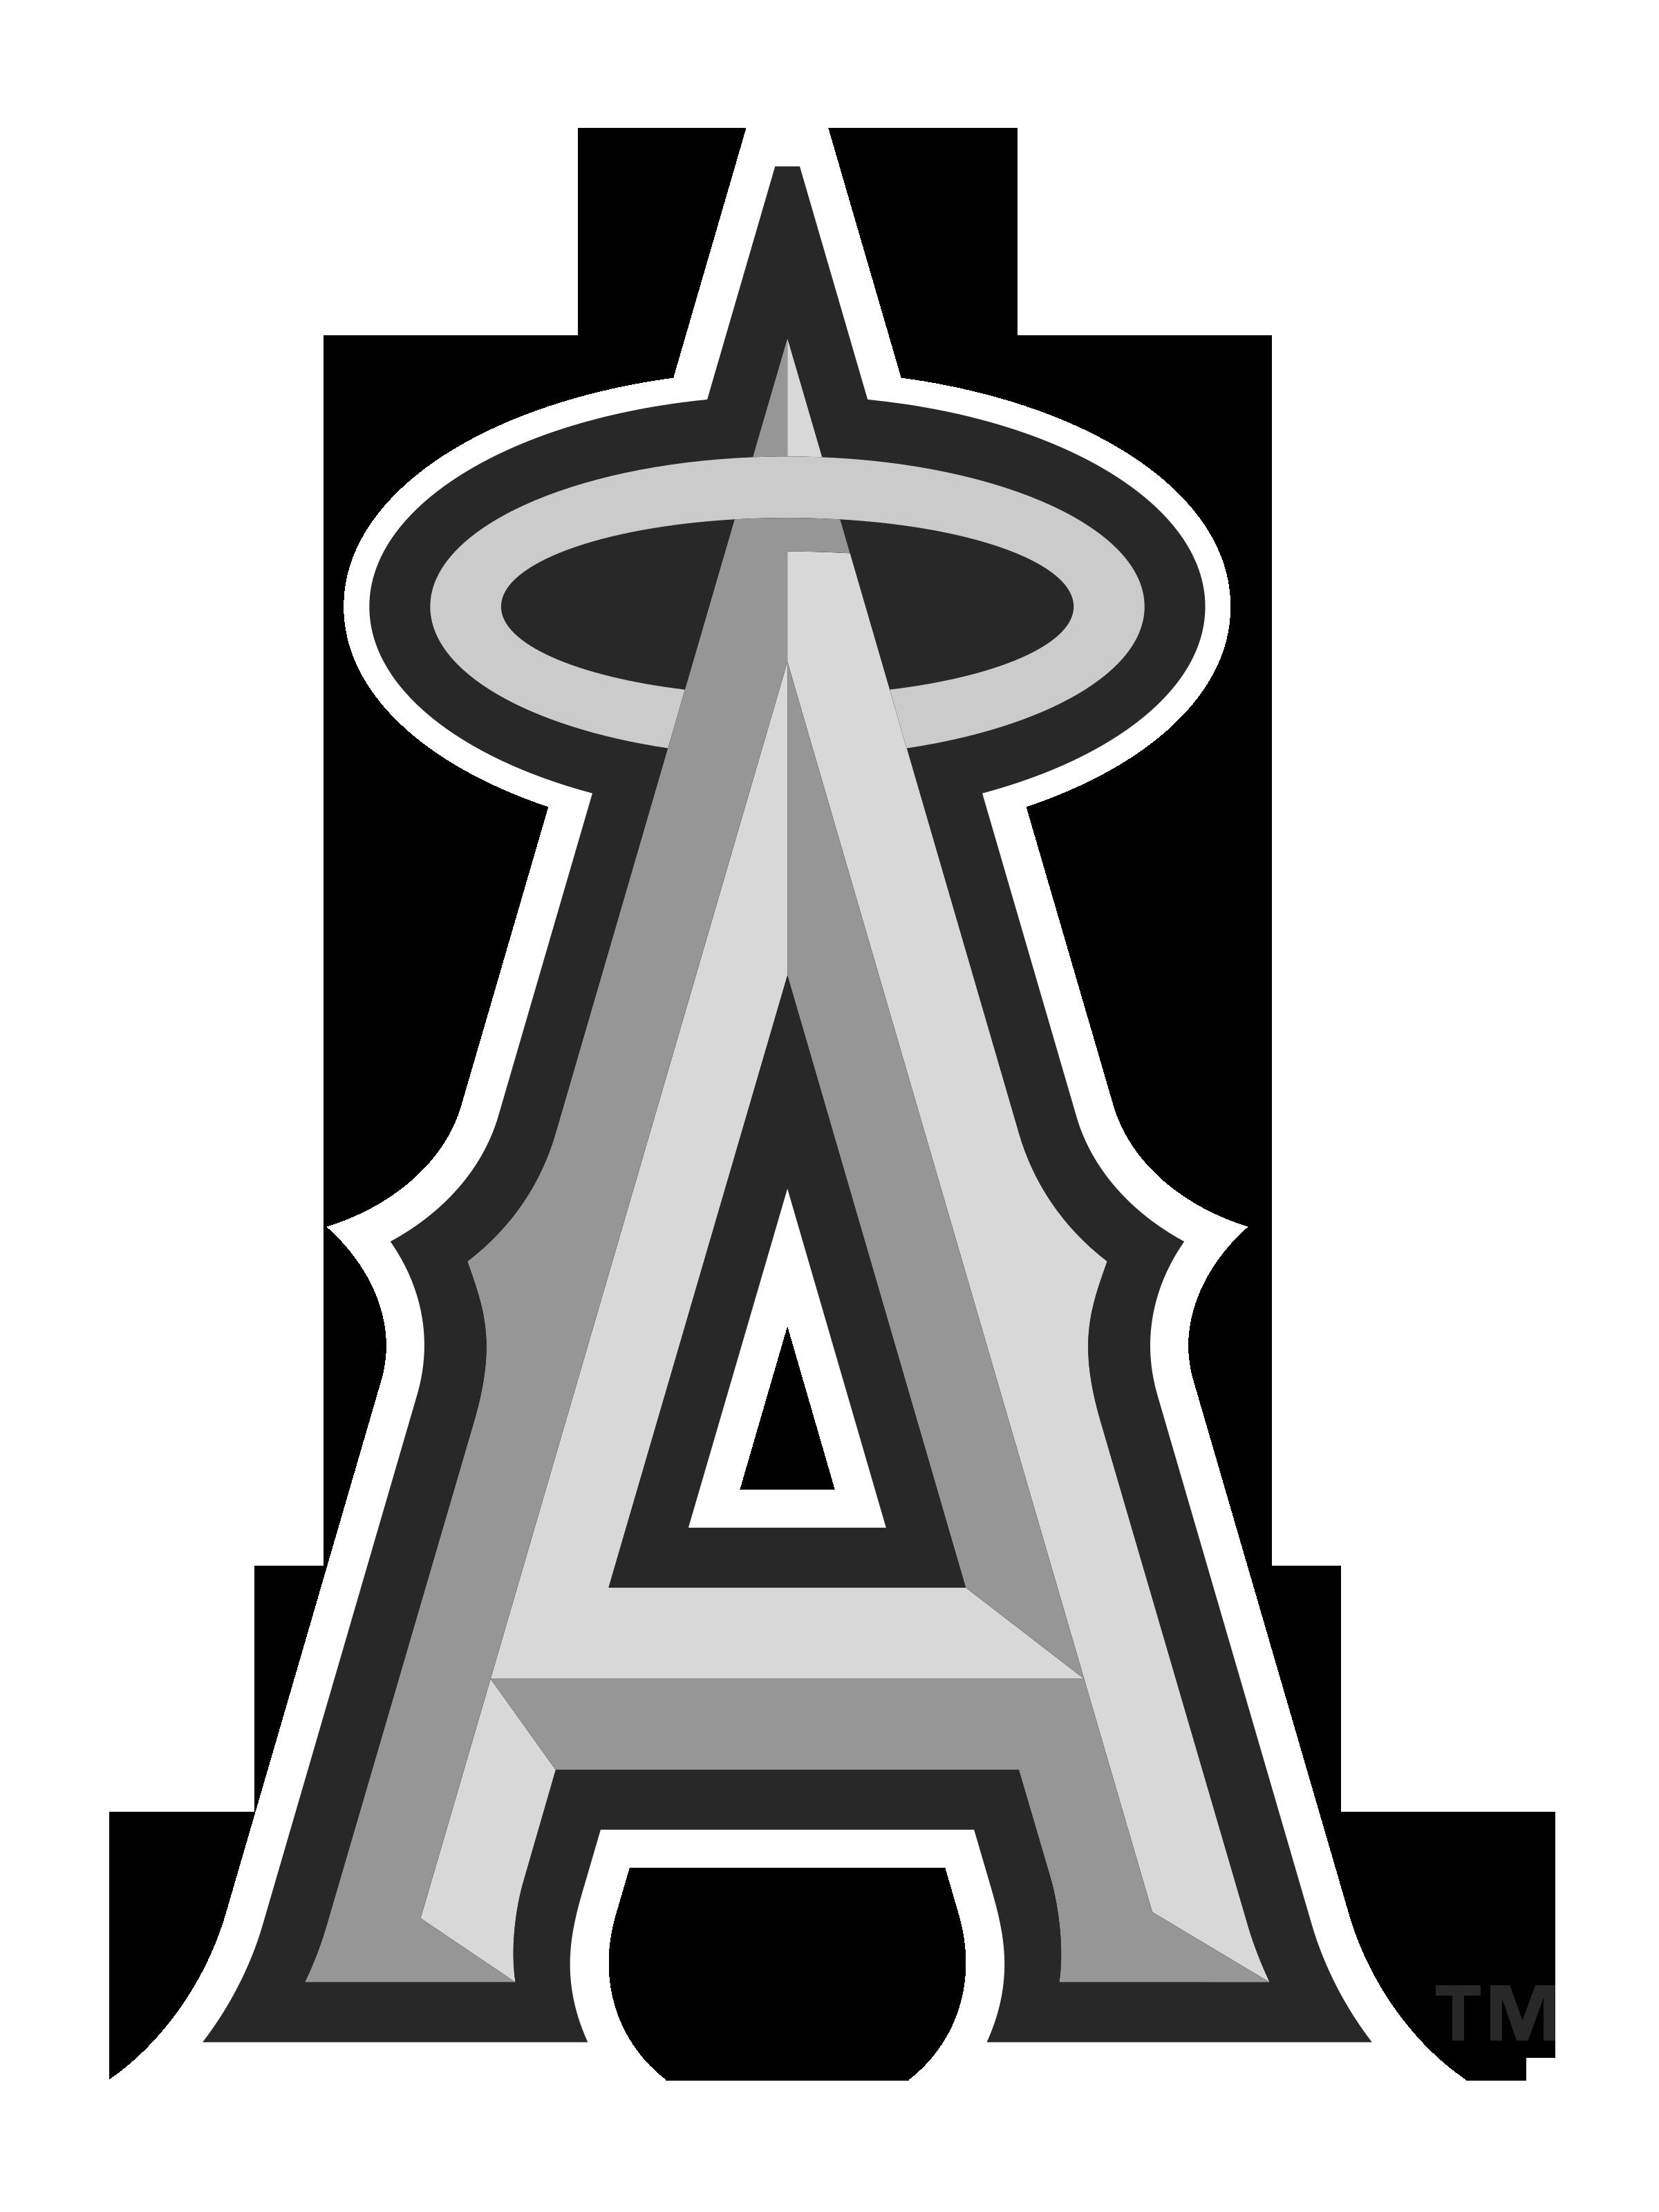 La angels baseball clipart image freeuse download Los Angeles Angels Logo PNG Transparent & SVG Vector - Freebie Supply image freeuse download